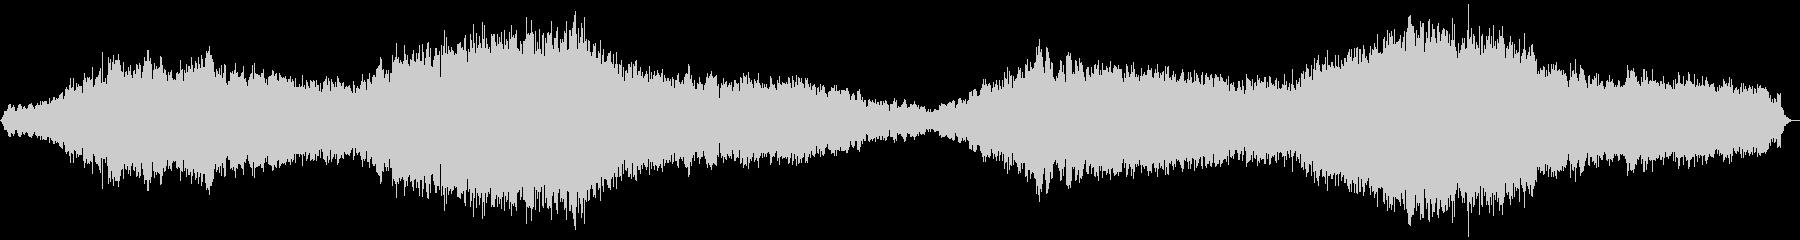 退廃的、滅亡した後の場面に合うBGMの未再生の波形